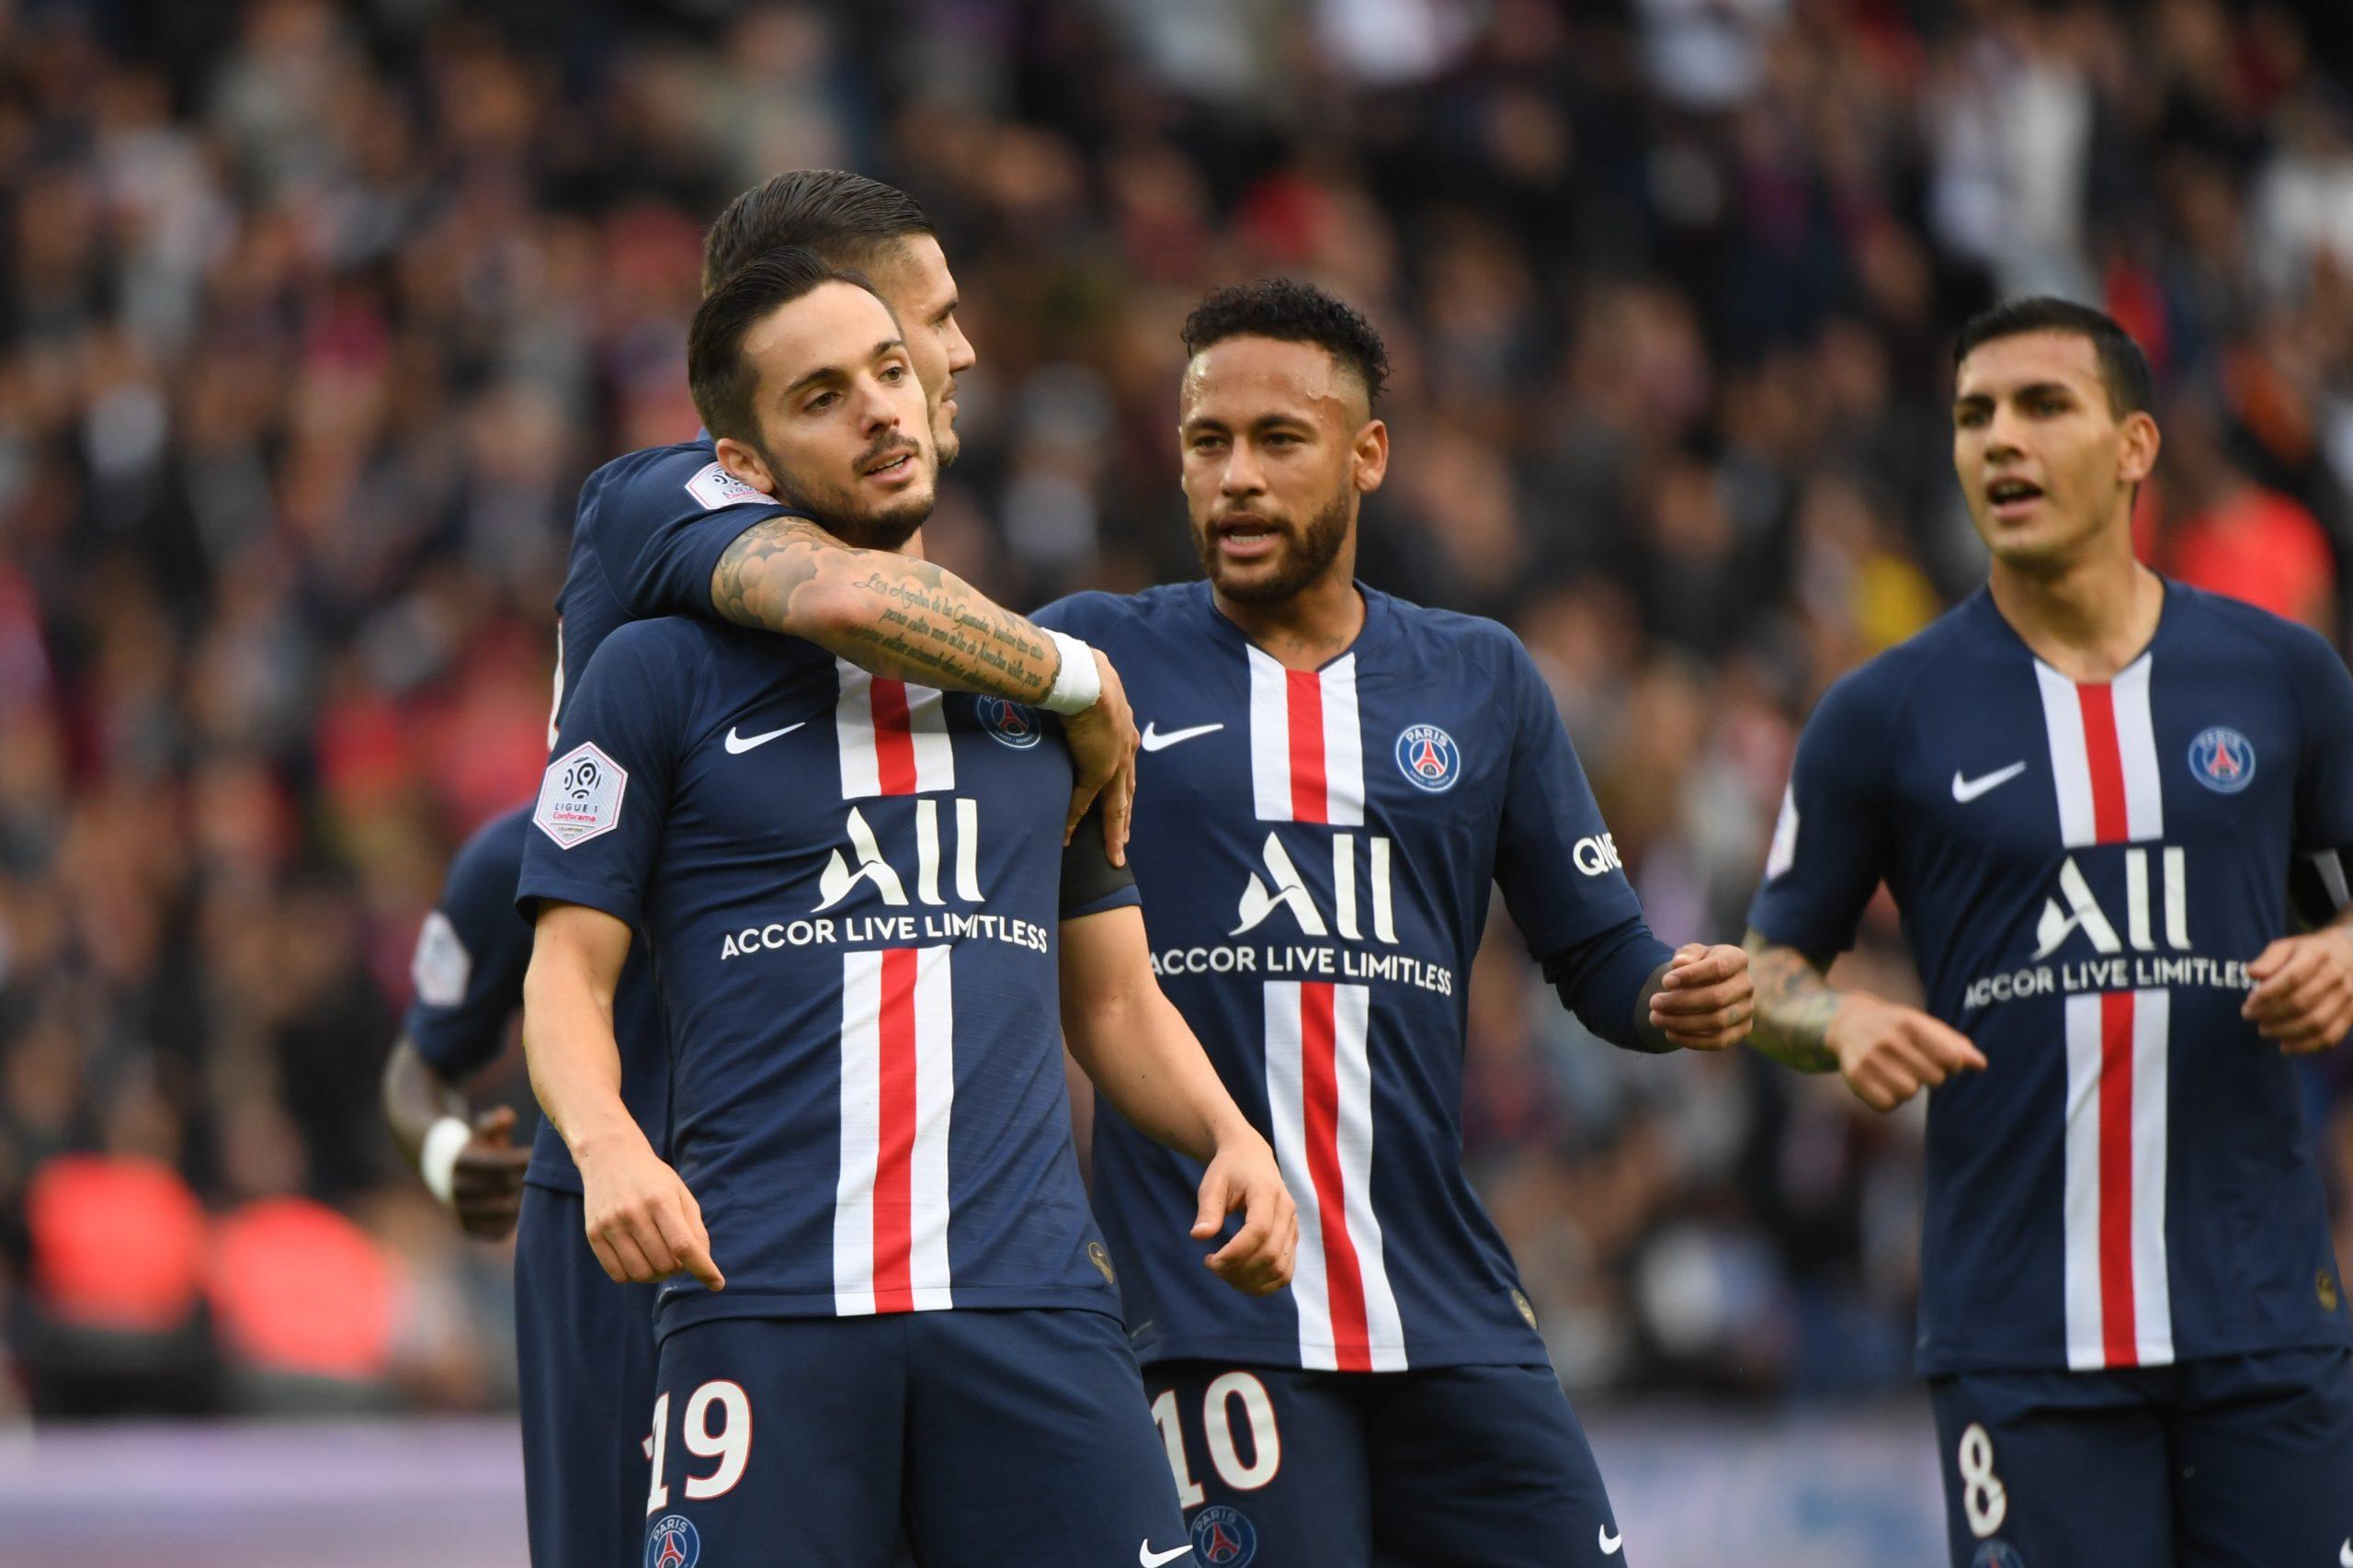 L'équipe-type du PSG pour finir la saison 2019-2020 : quel milieu gauche ?